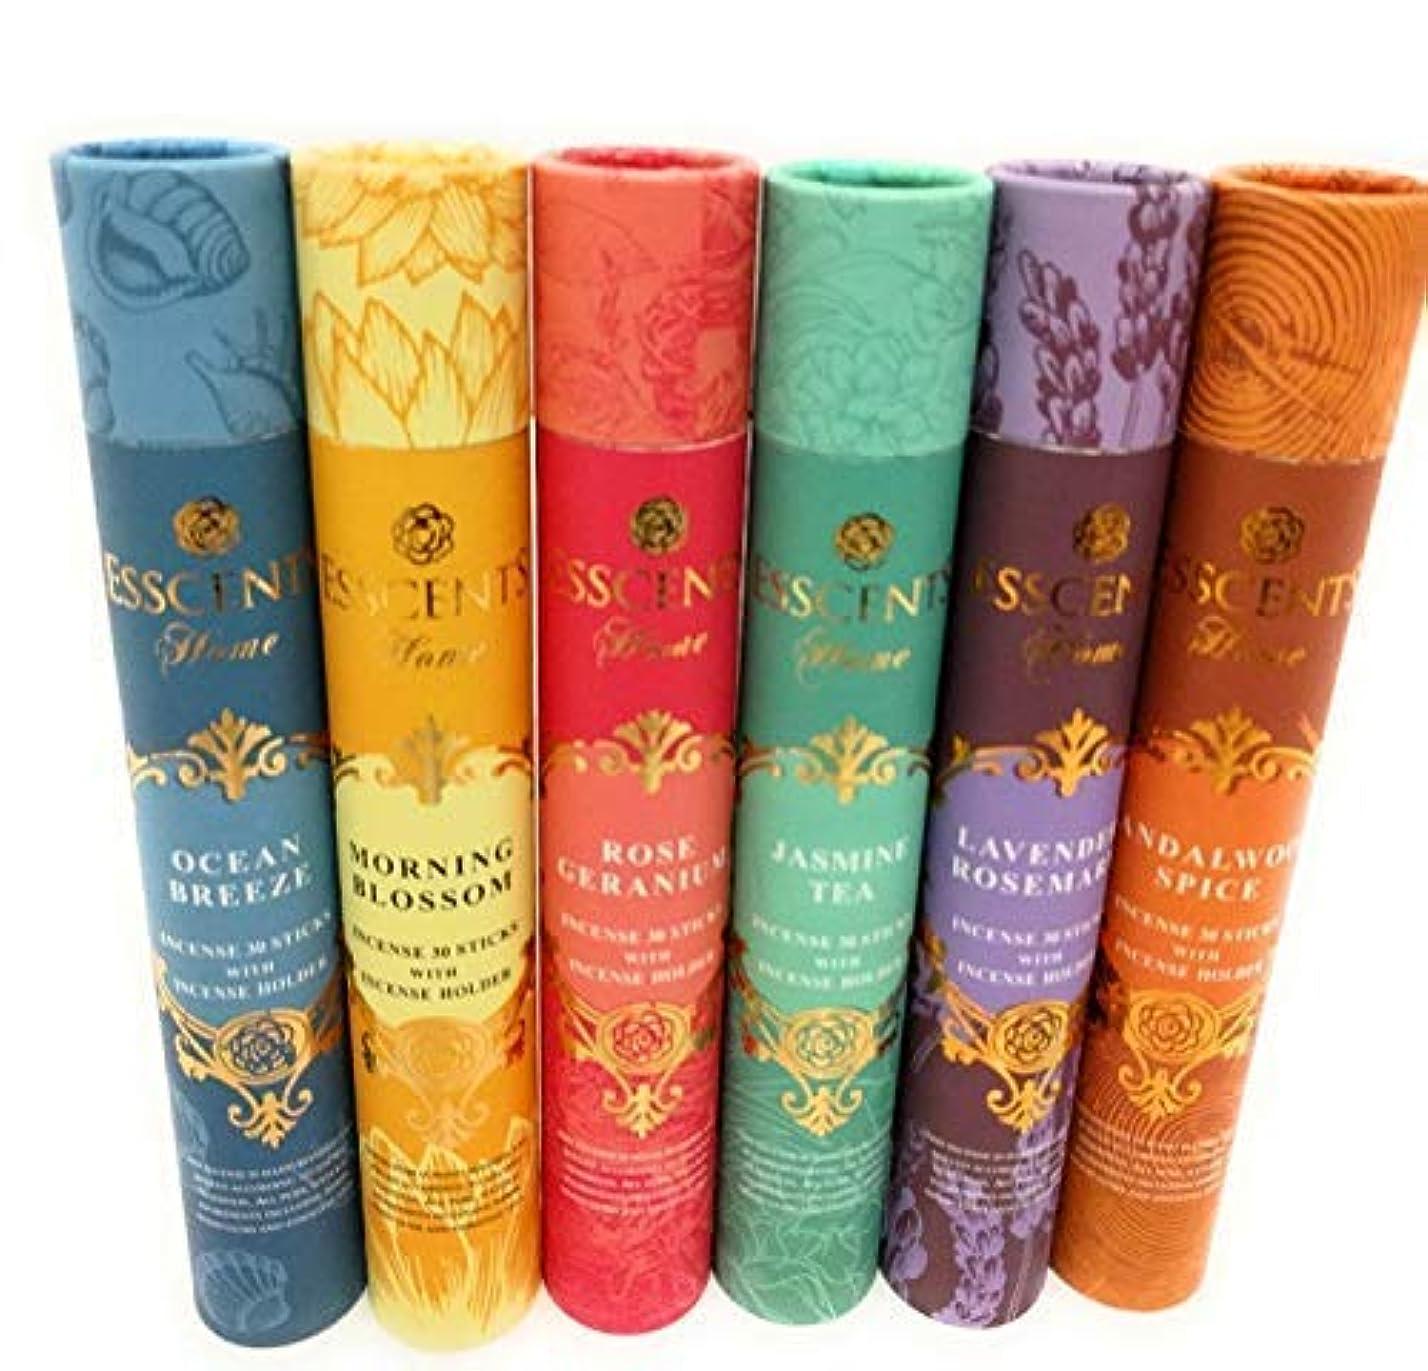 むき出し修理可能曲げるEssence incense gift pack 180 sticks with incense holder 6 flavours, Ocean,Morning Blosom,Jasmine tea,Rose Geranium...